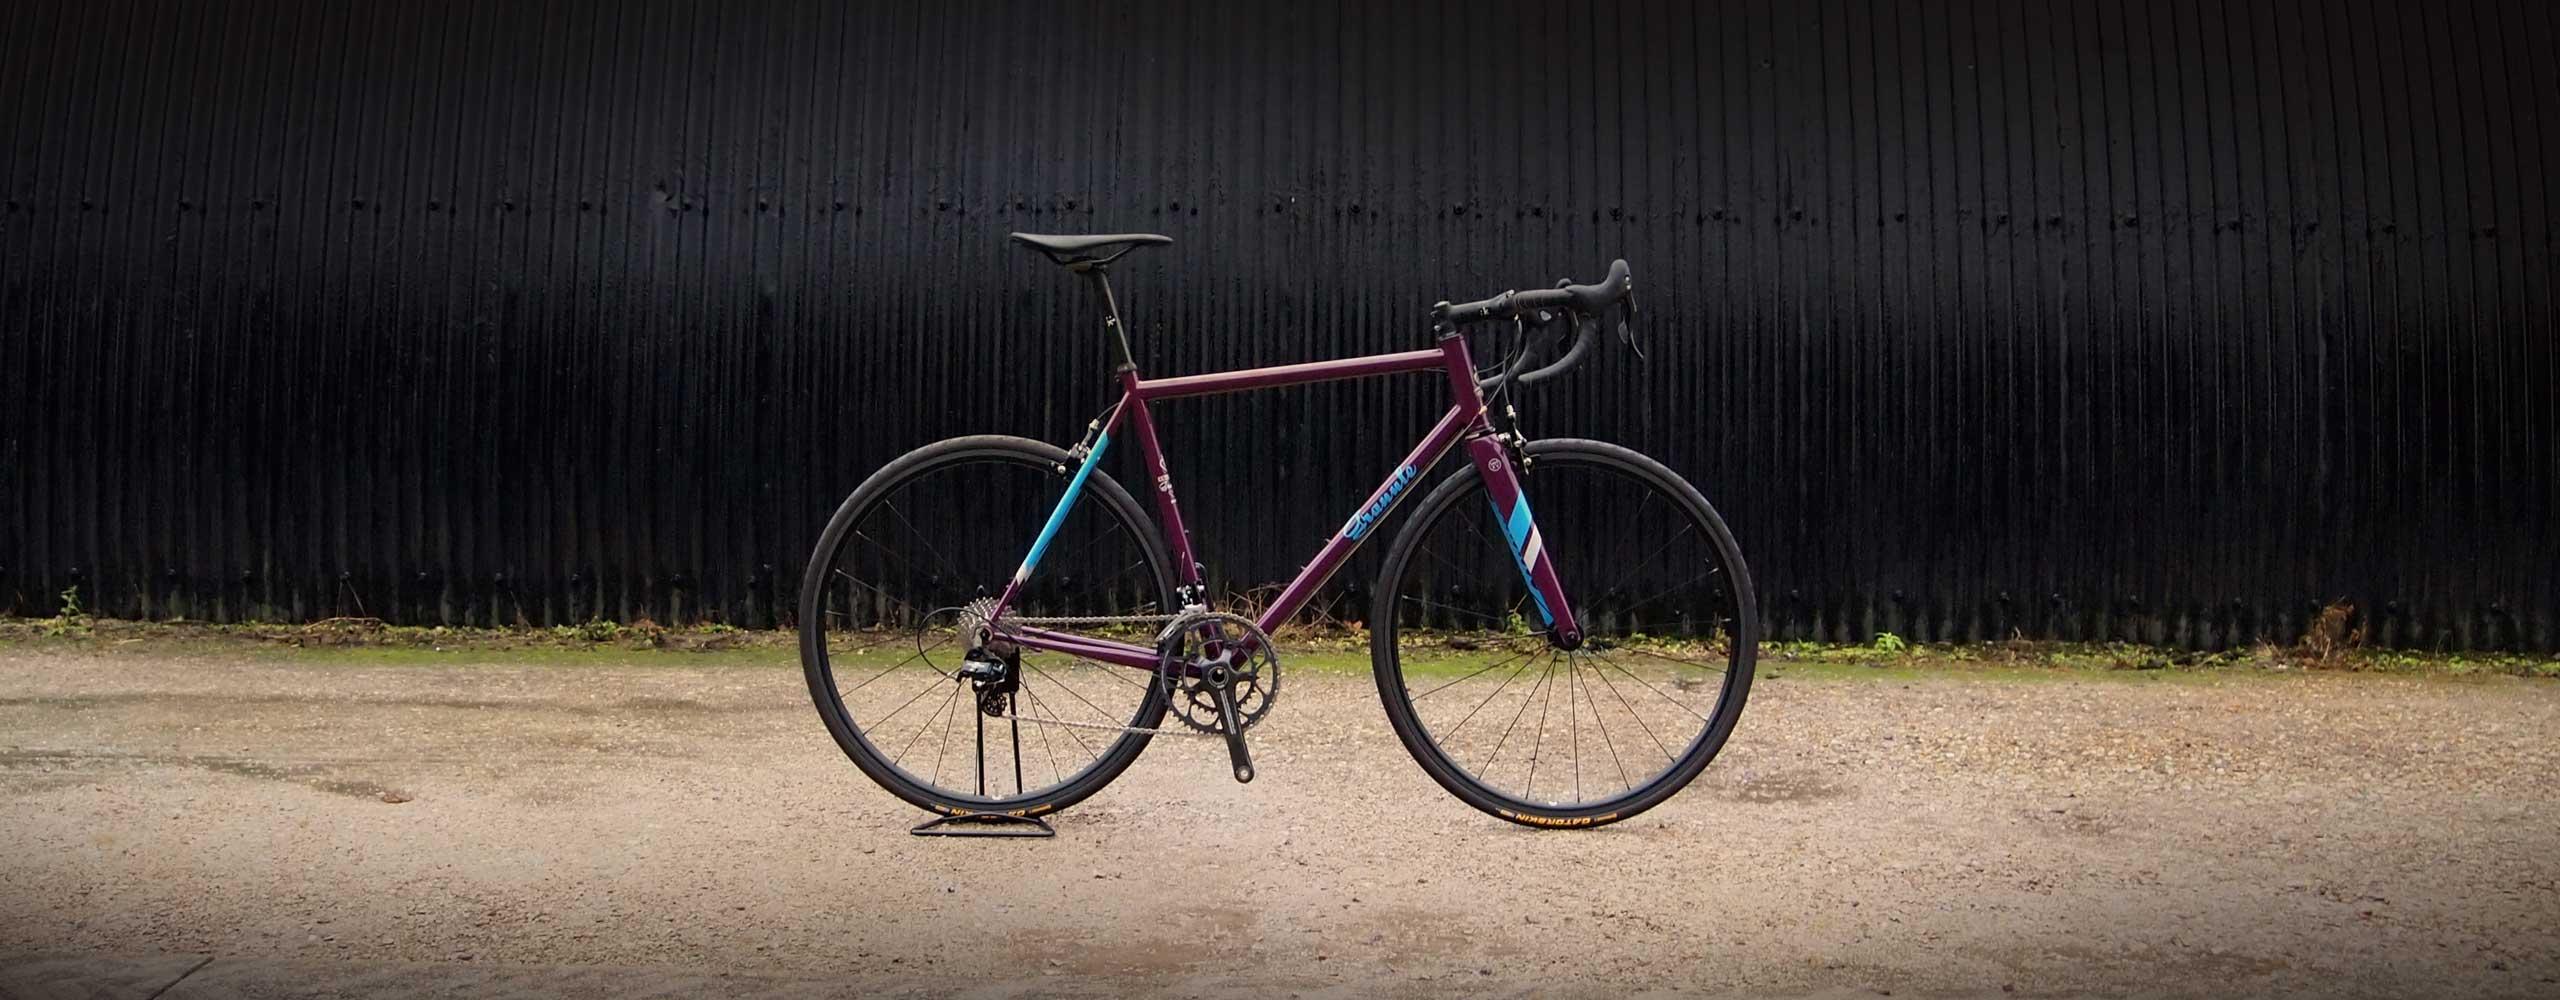 purple-bike-slider